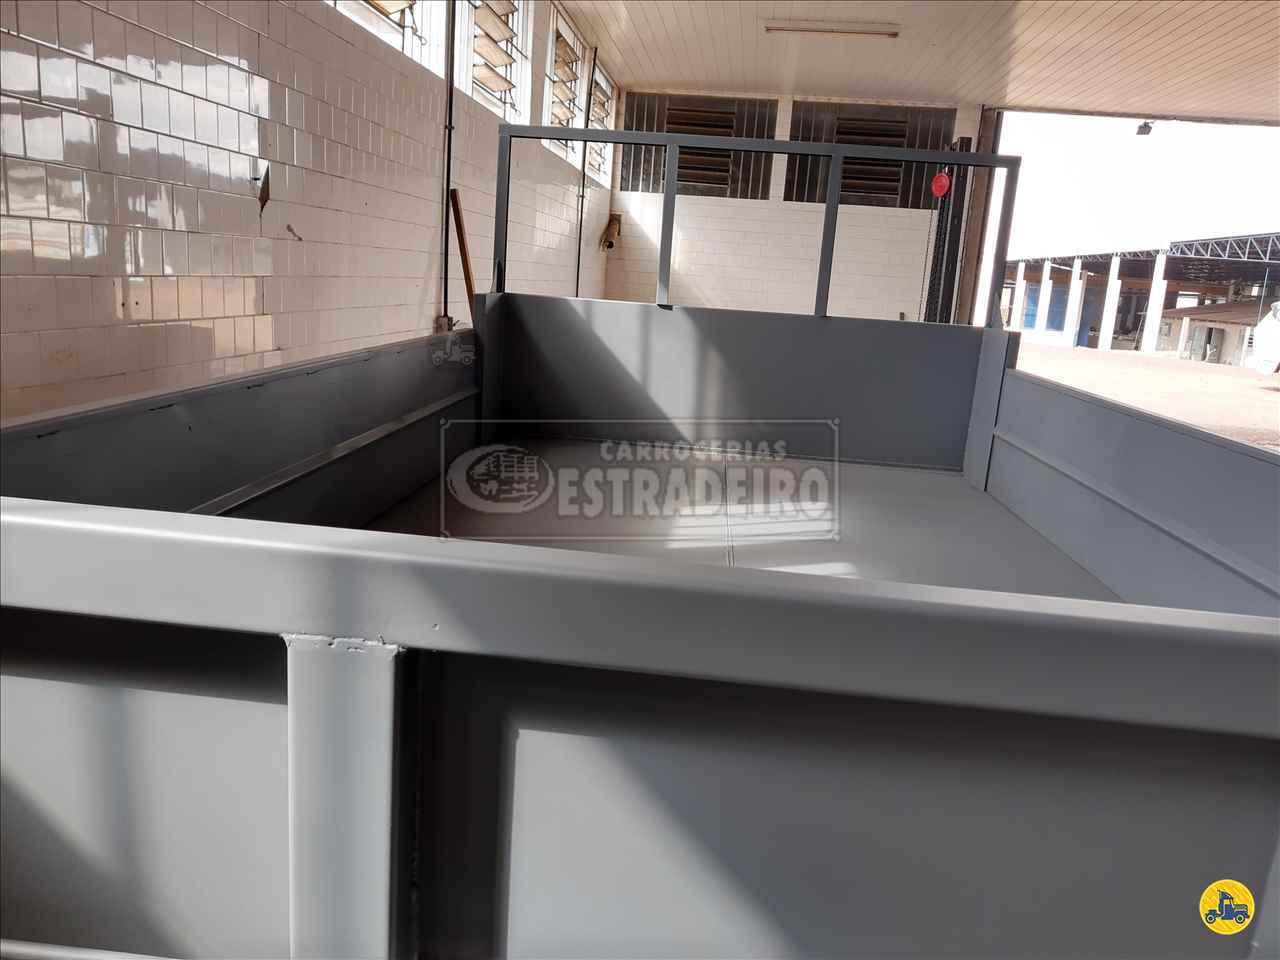 TRUCK BASCULANTE 0km 2021 Carrocerias Estradeiro